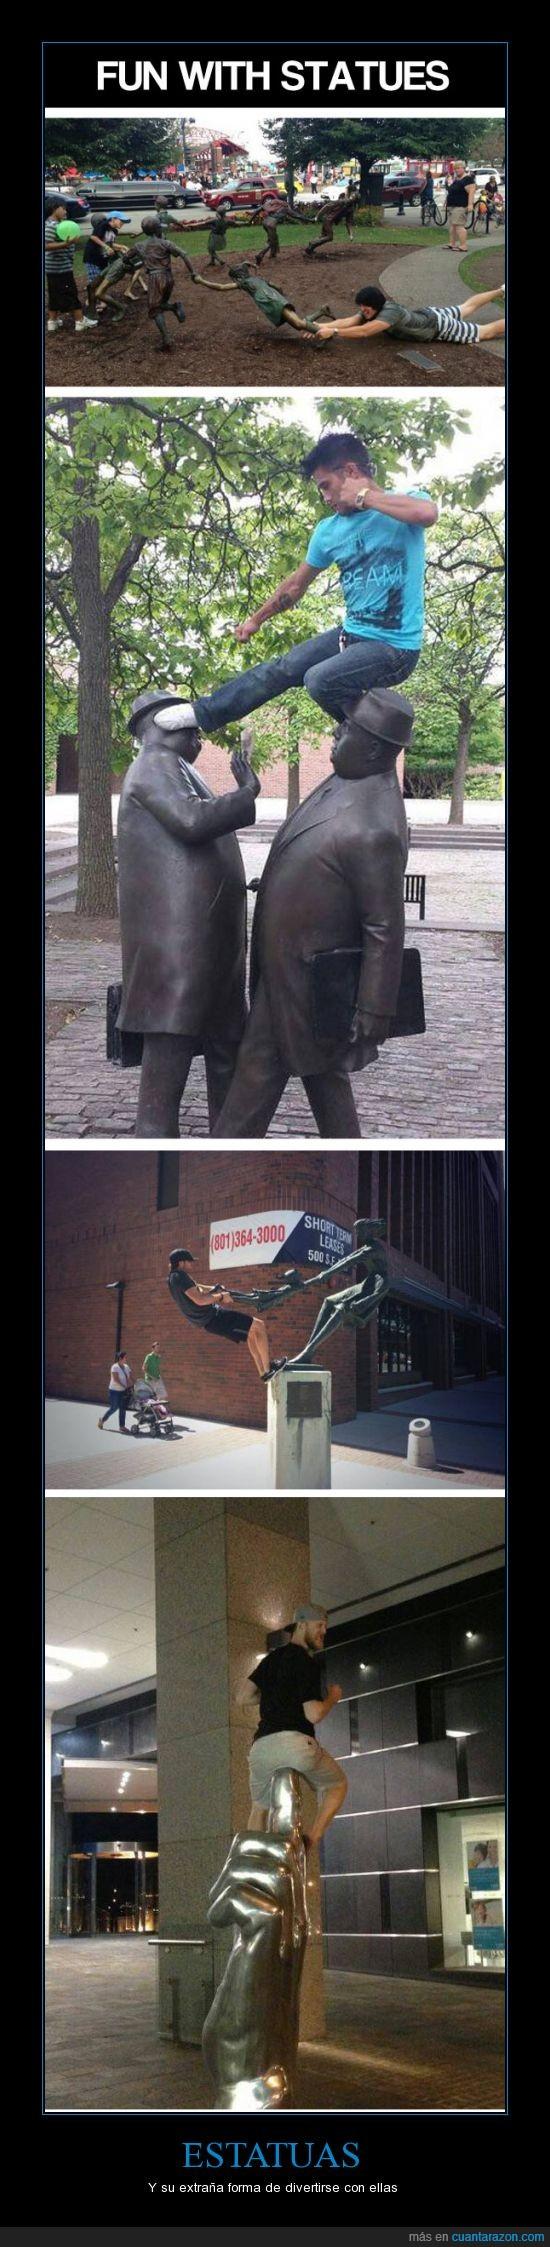 ayuda,correr,dedo,encima,estatua,figura,hostia,pose